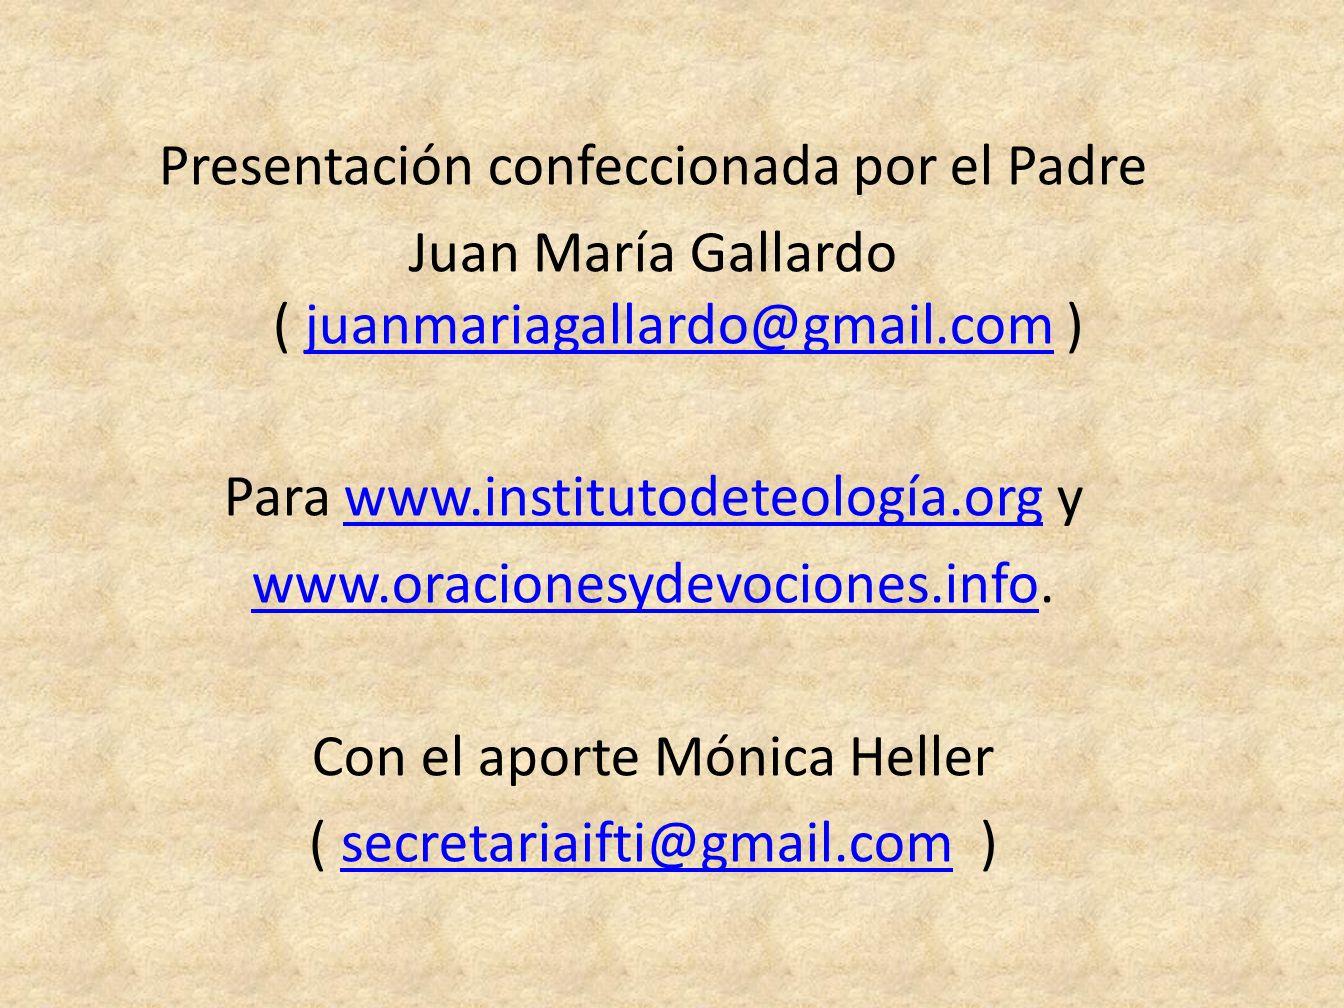 Presentación confeccionada por el Padre Juan María Gallardo ( juanmariagallardo@gmail.com ) Para www.institutodeteología.org y www.oracionesydevociones.info.